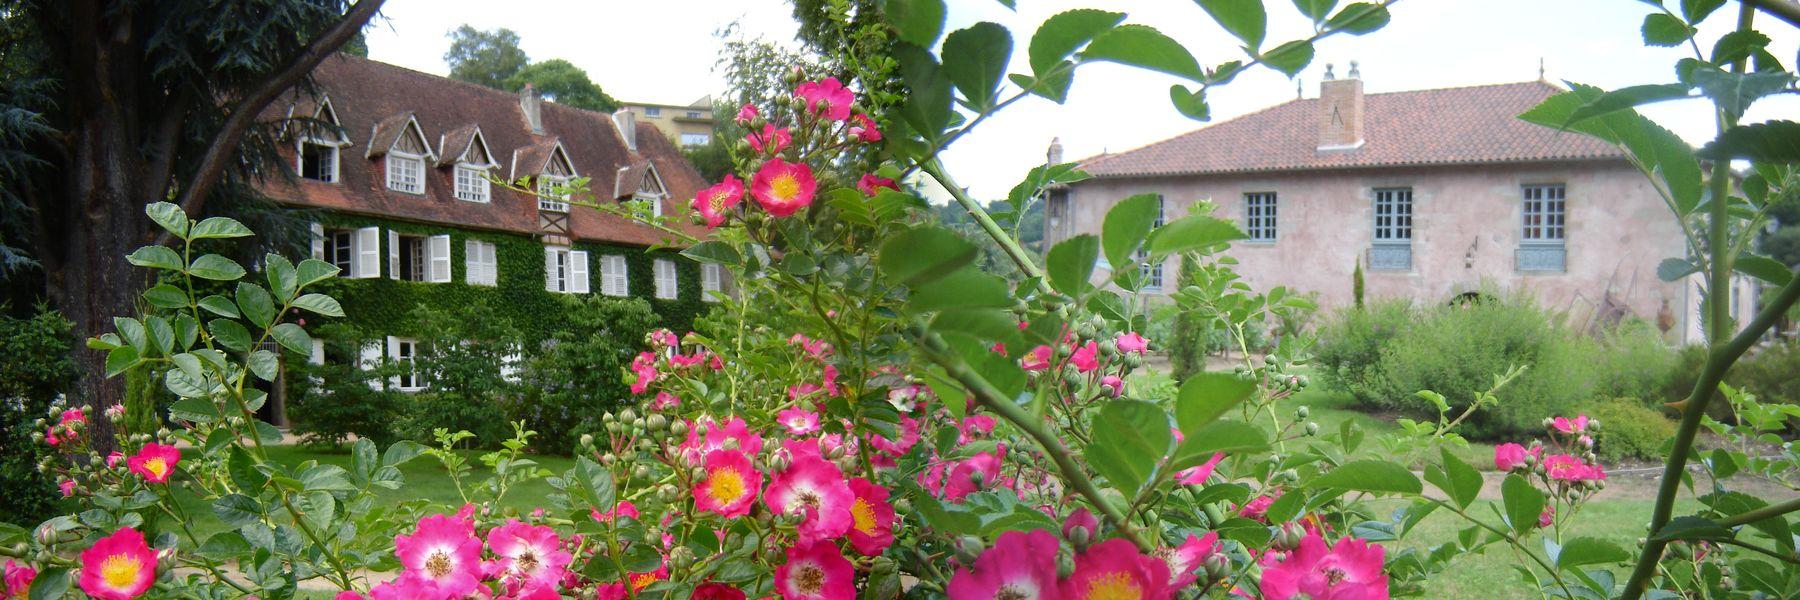 Le Poudrier Jardin - Maiosn Maître et Moulin